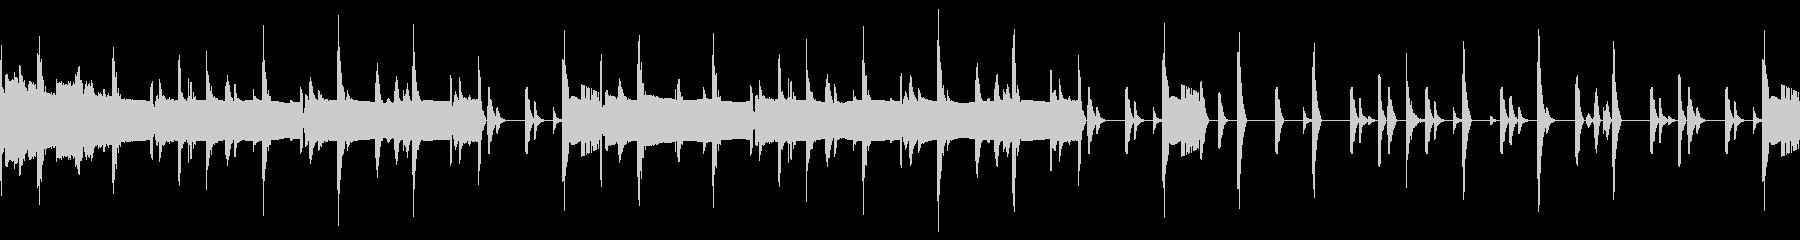 ドラムとベースのループ素材の未再生の波形